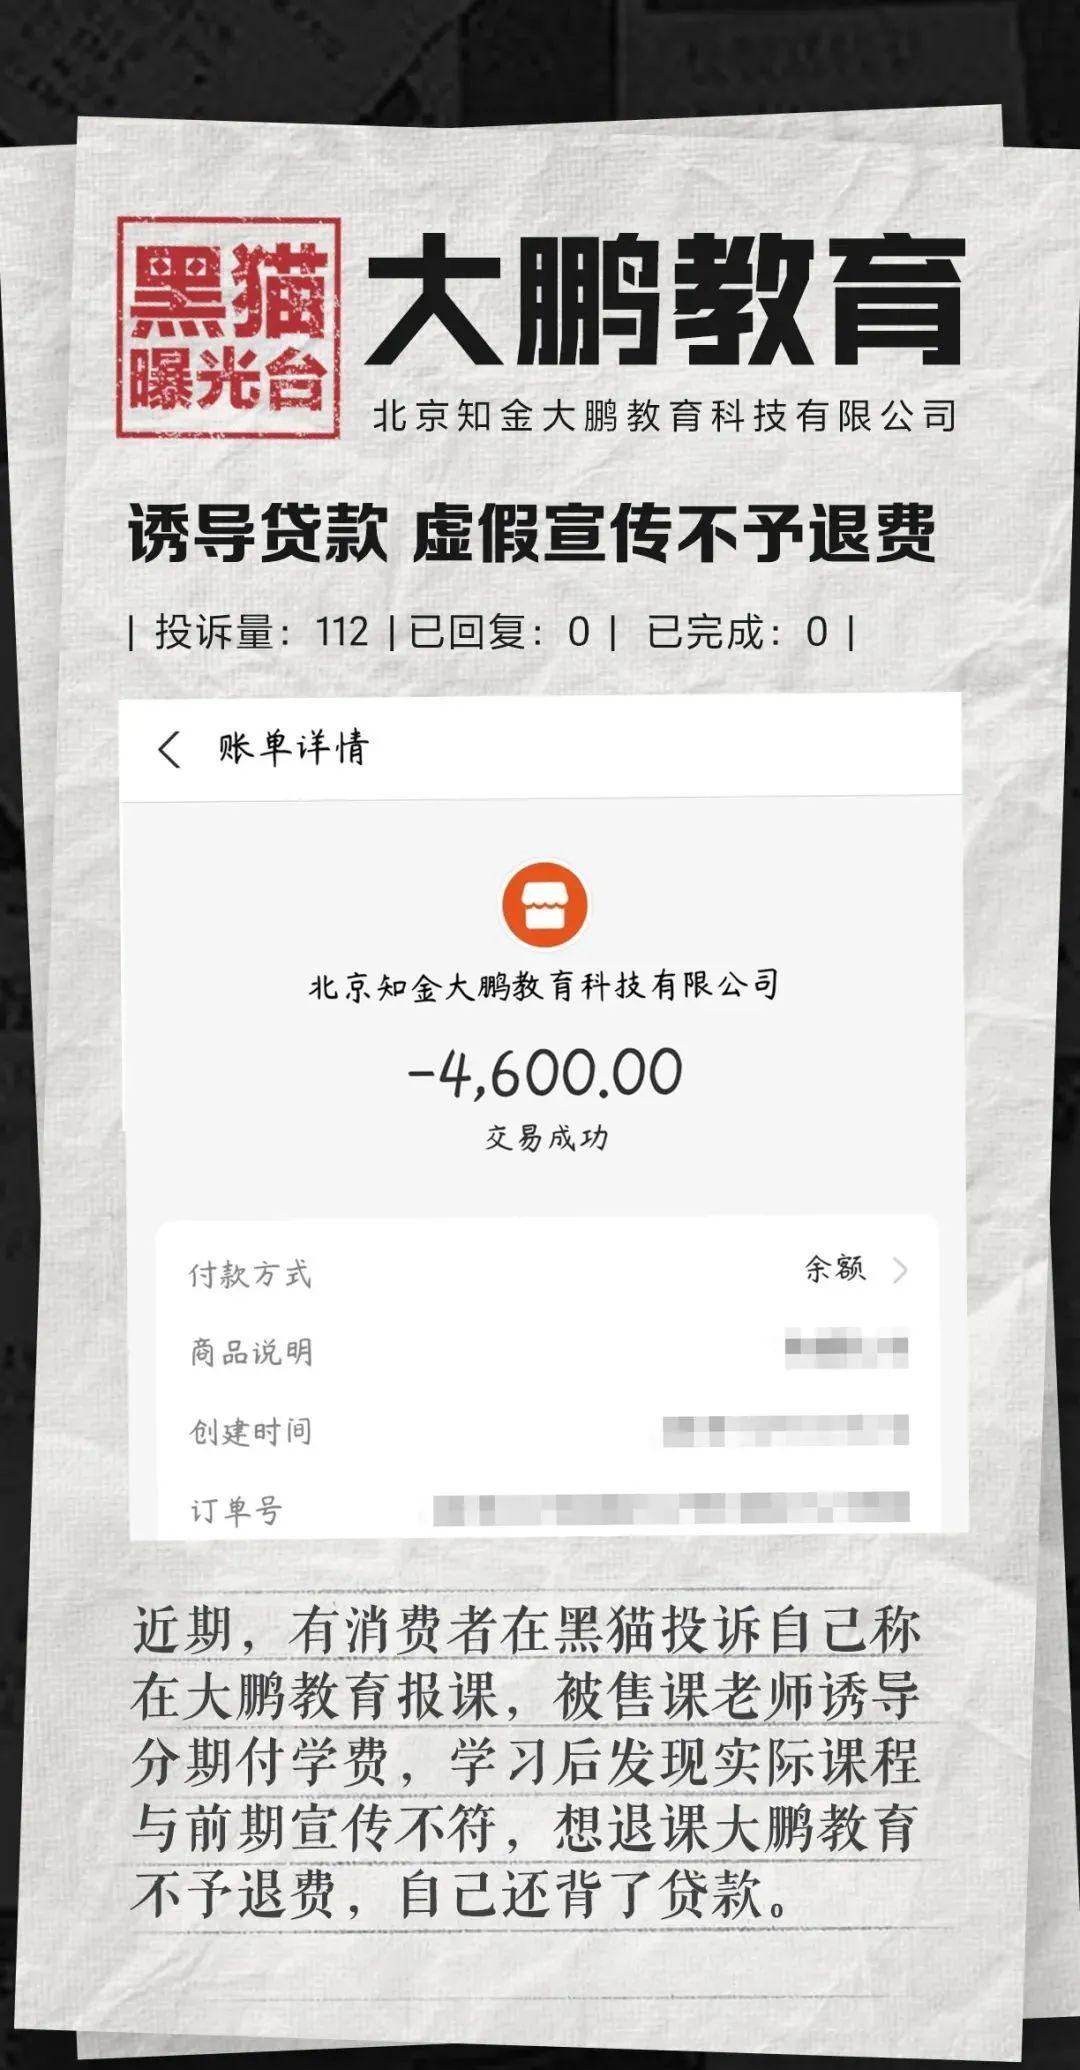 大鹏教育遭消费者投诉诱导贷款虚假宣传